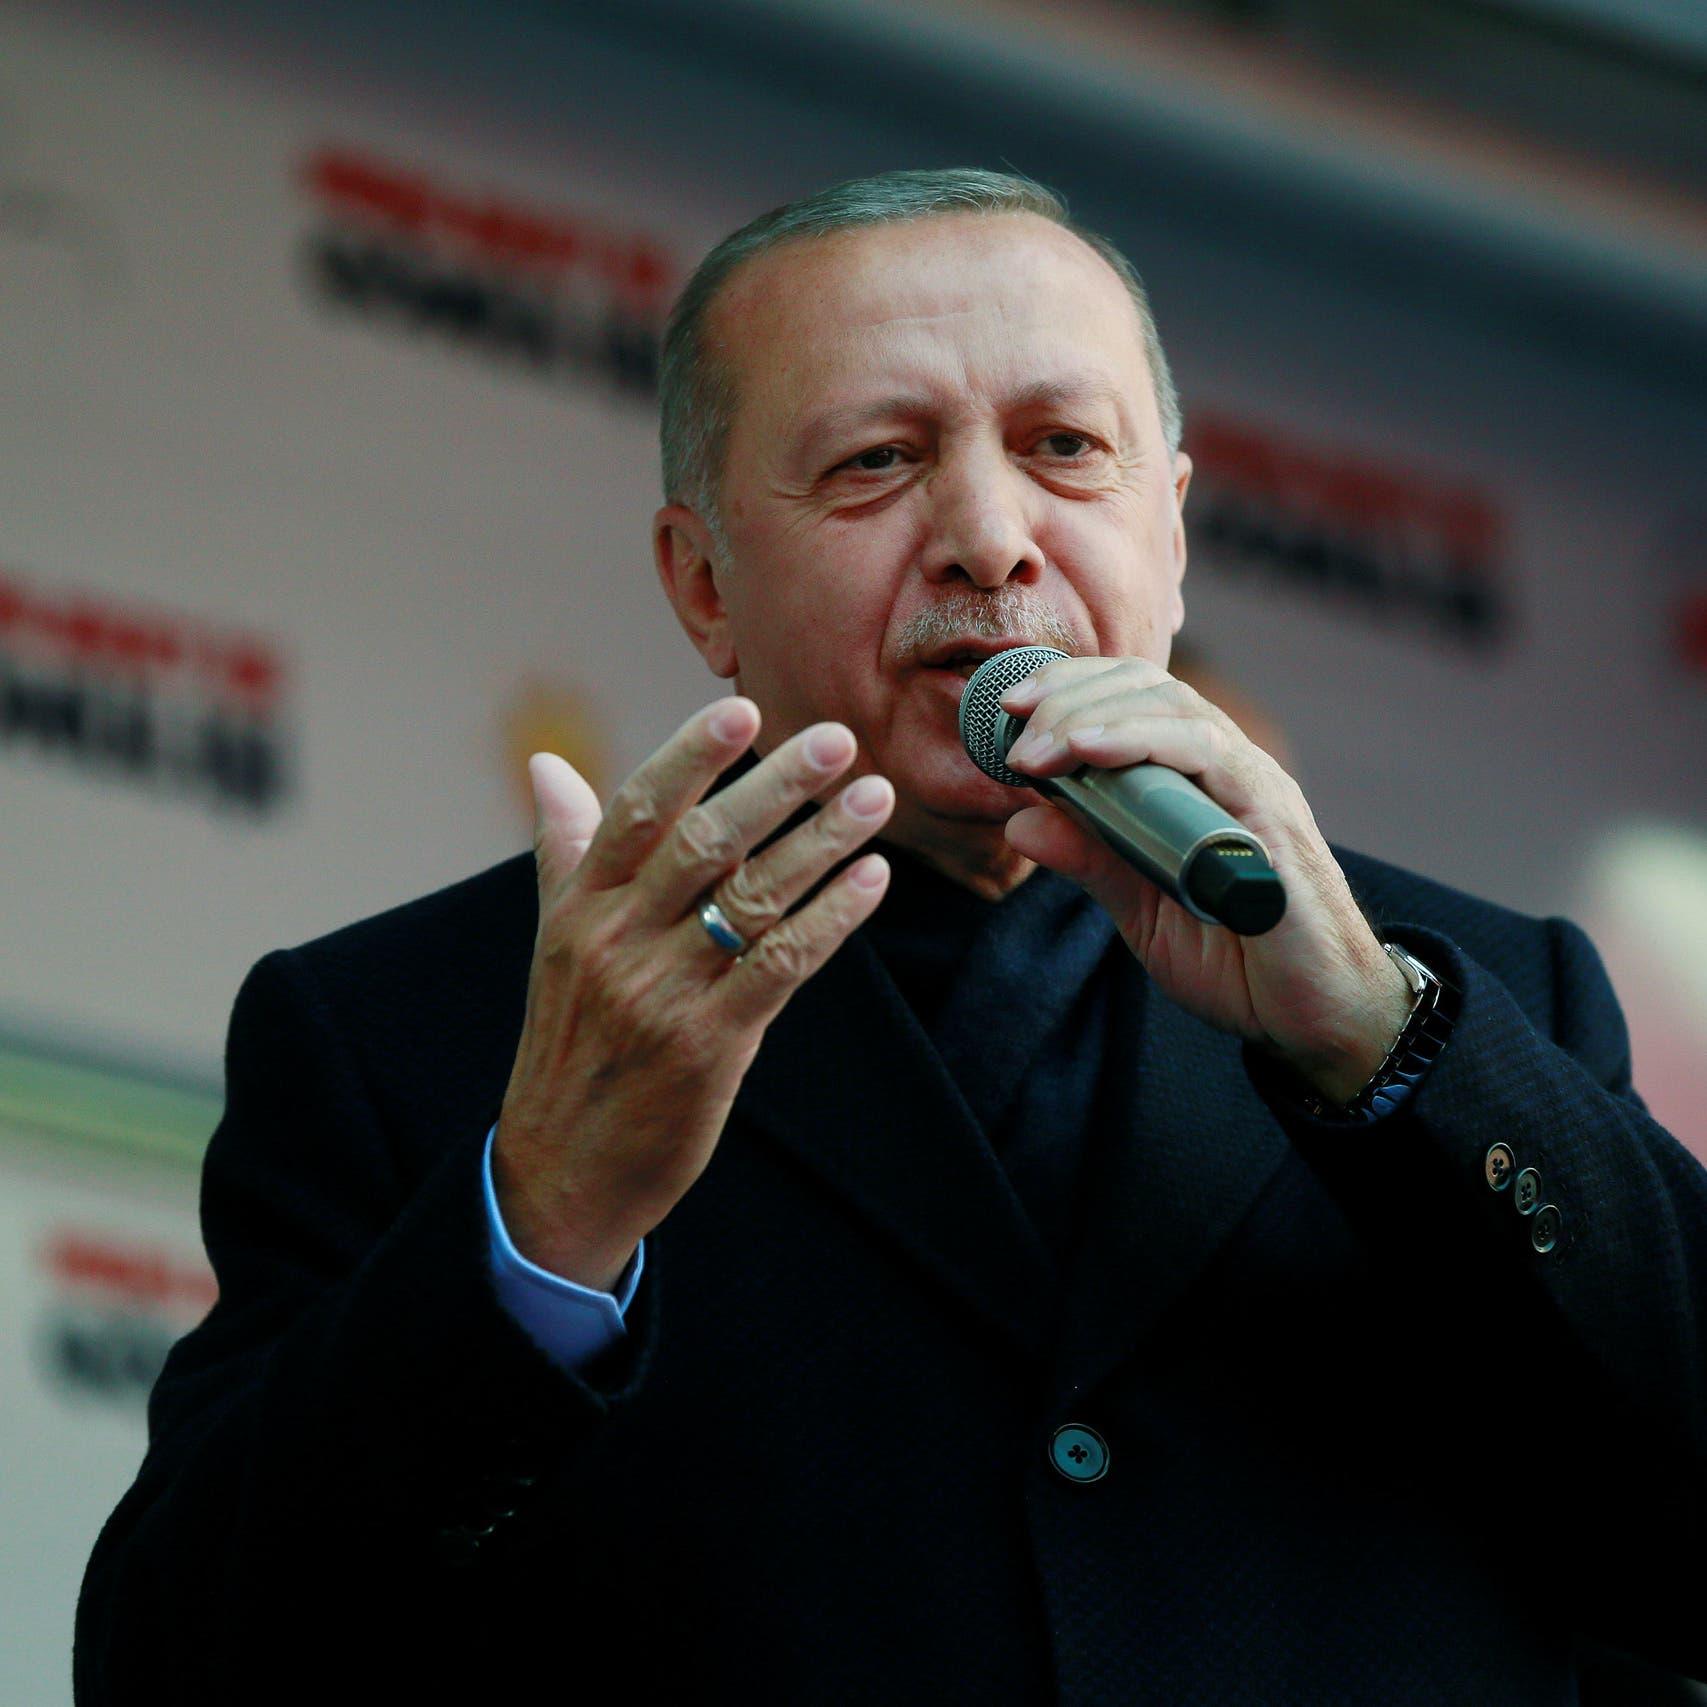 توسيع قصر أردوغان الصيفي وبناء ثلاثة شواطئ صناعية